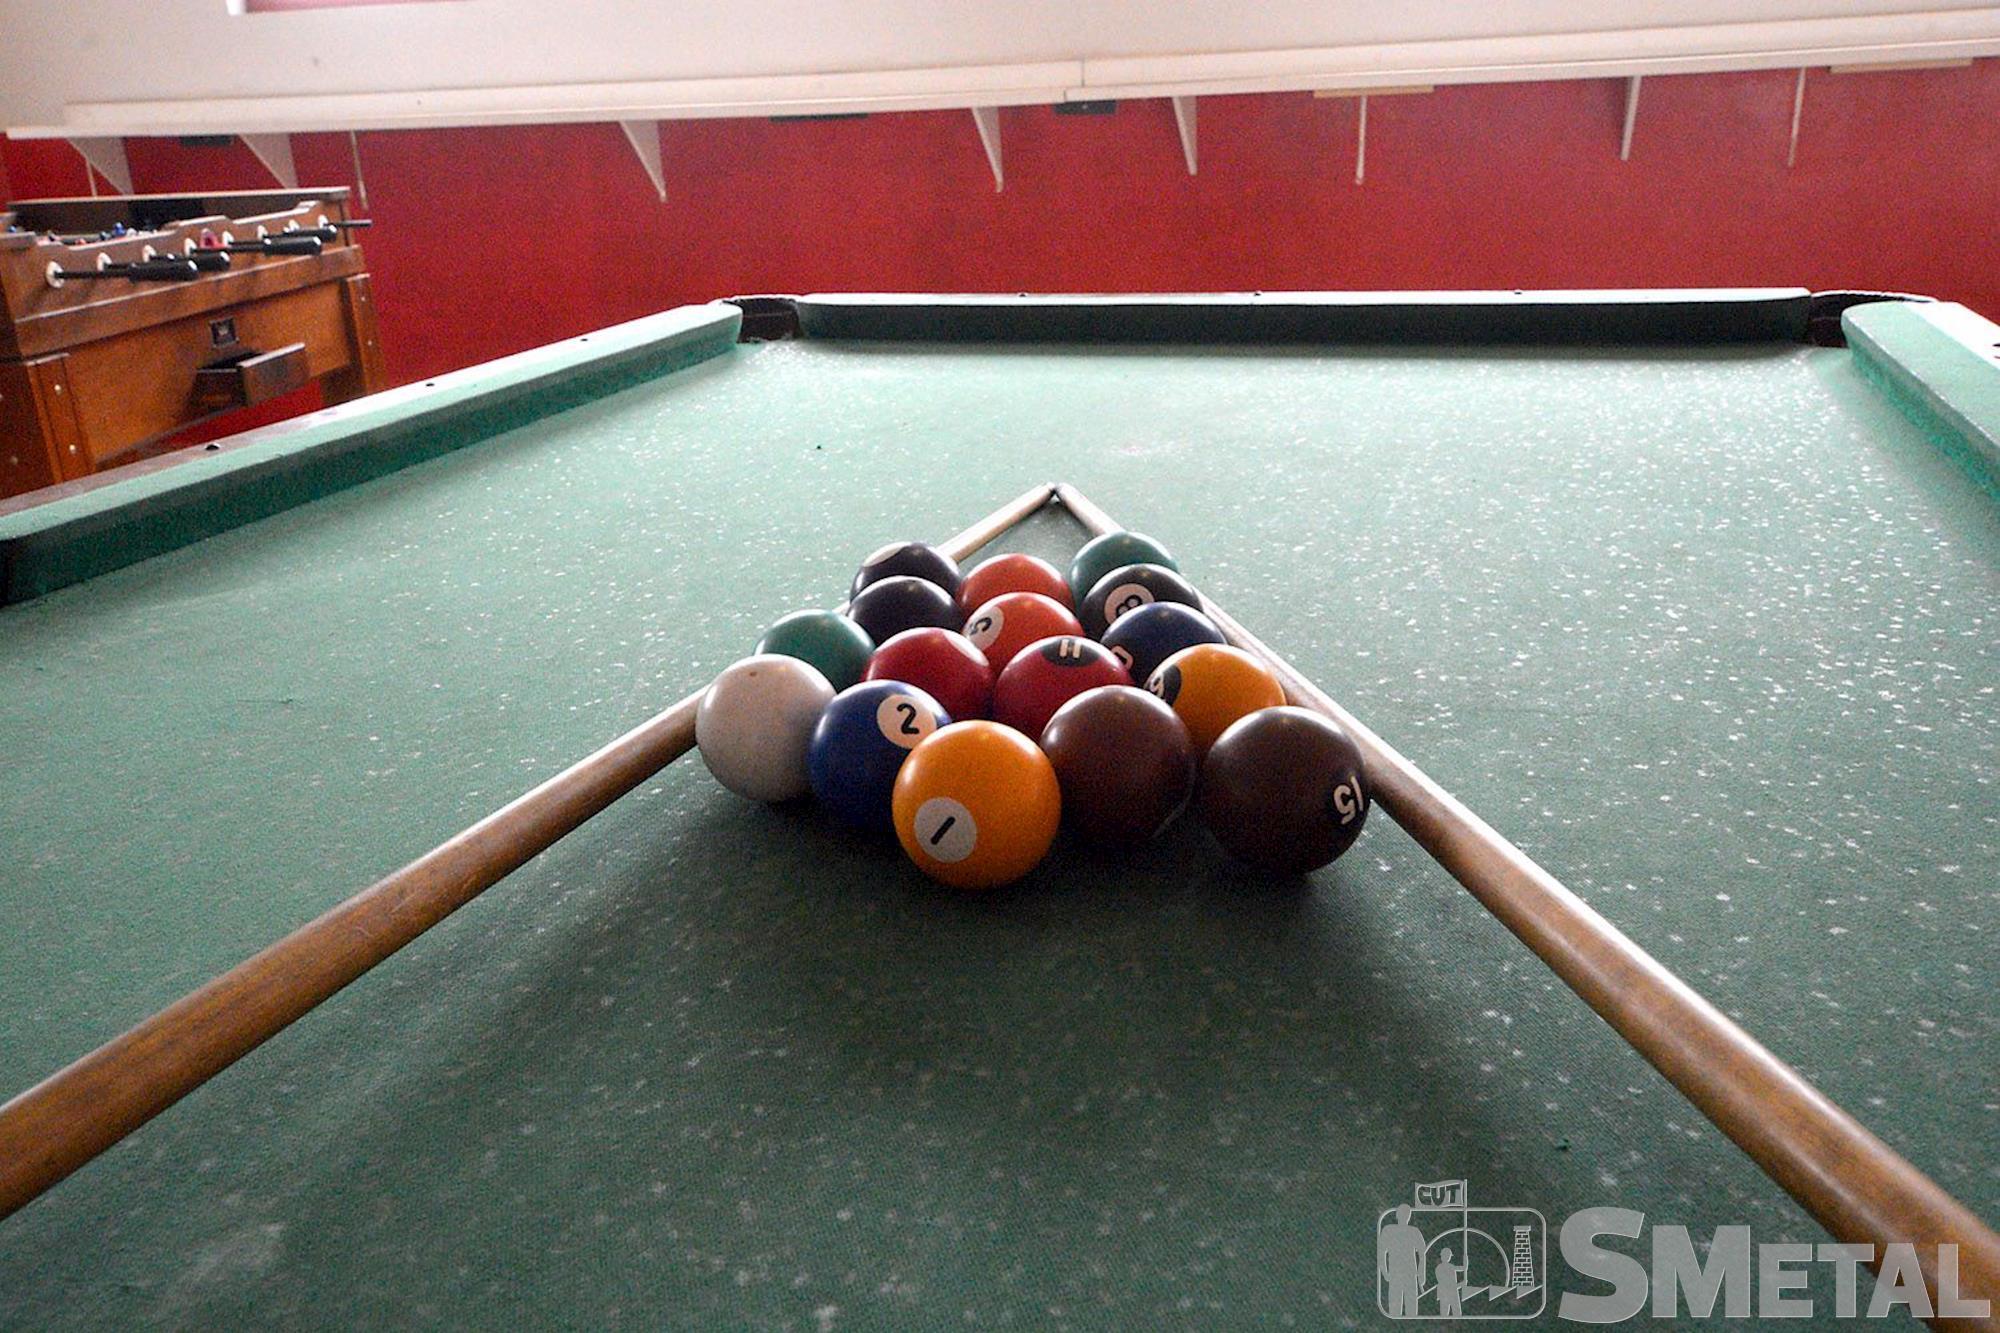 O salão de jogos possui mesa de ping-pong,  de bilhar e pebolim, Foguinho/Imprensa SMetal